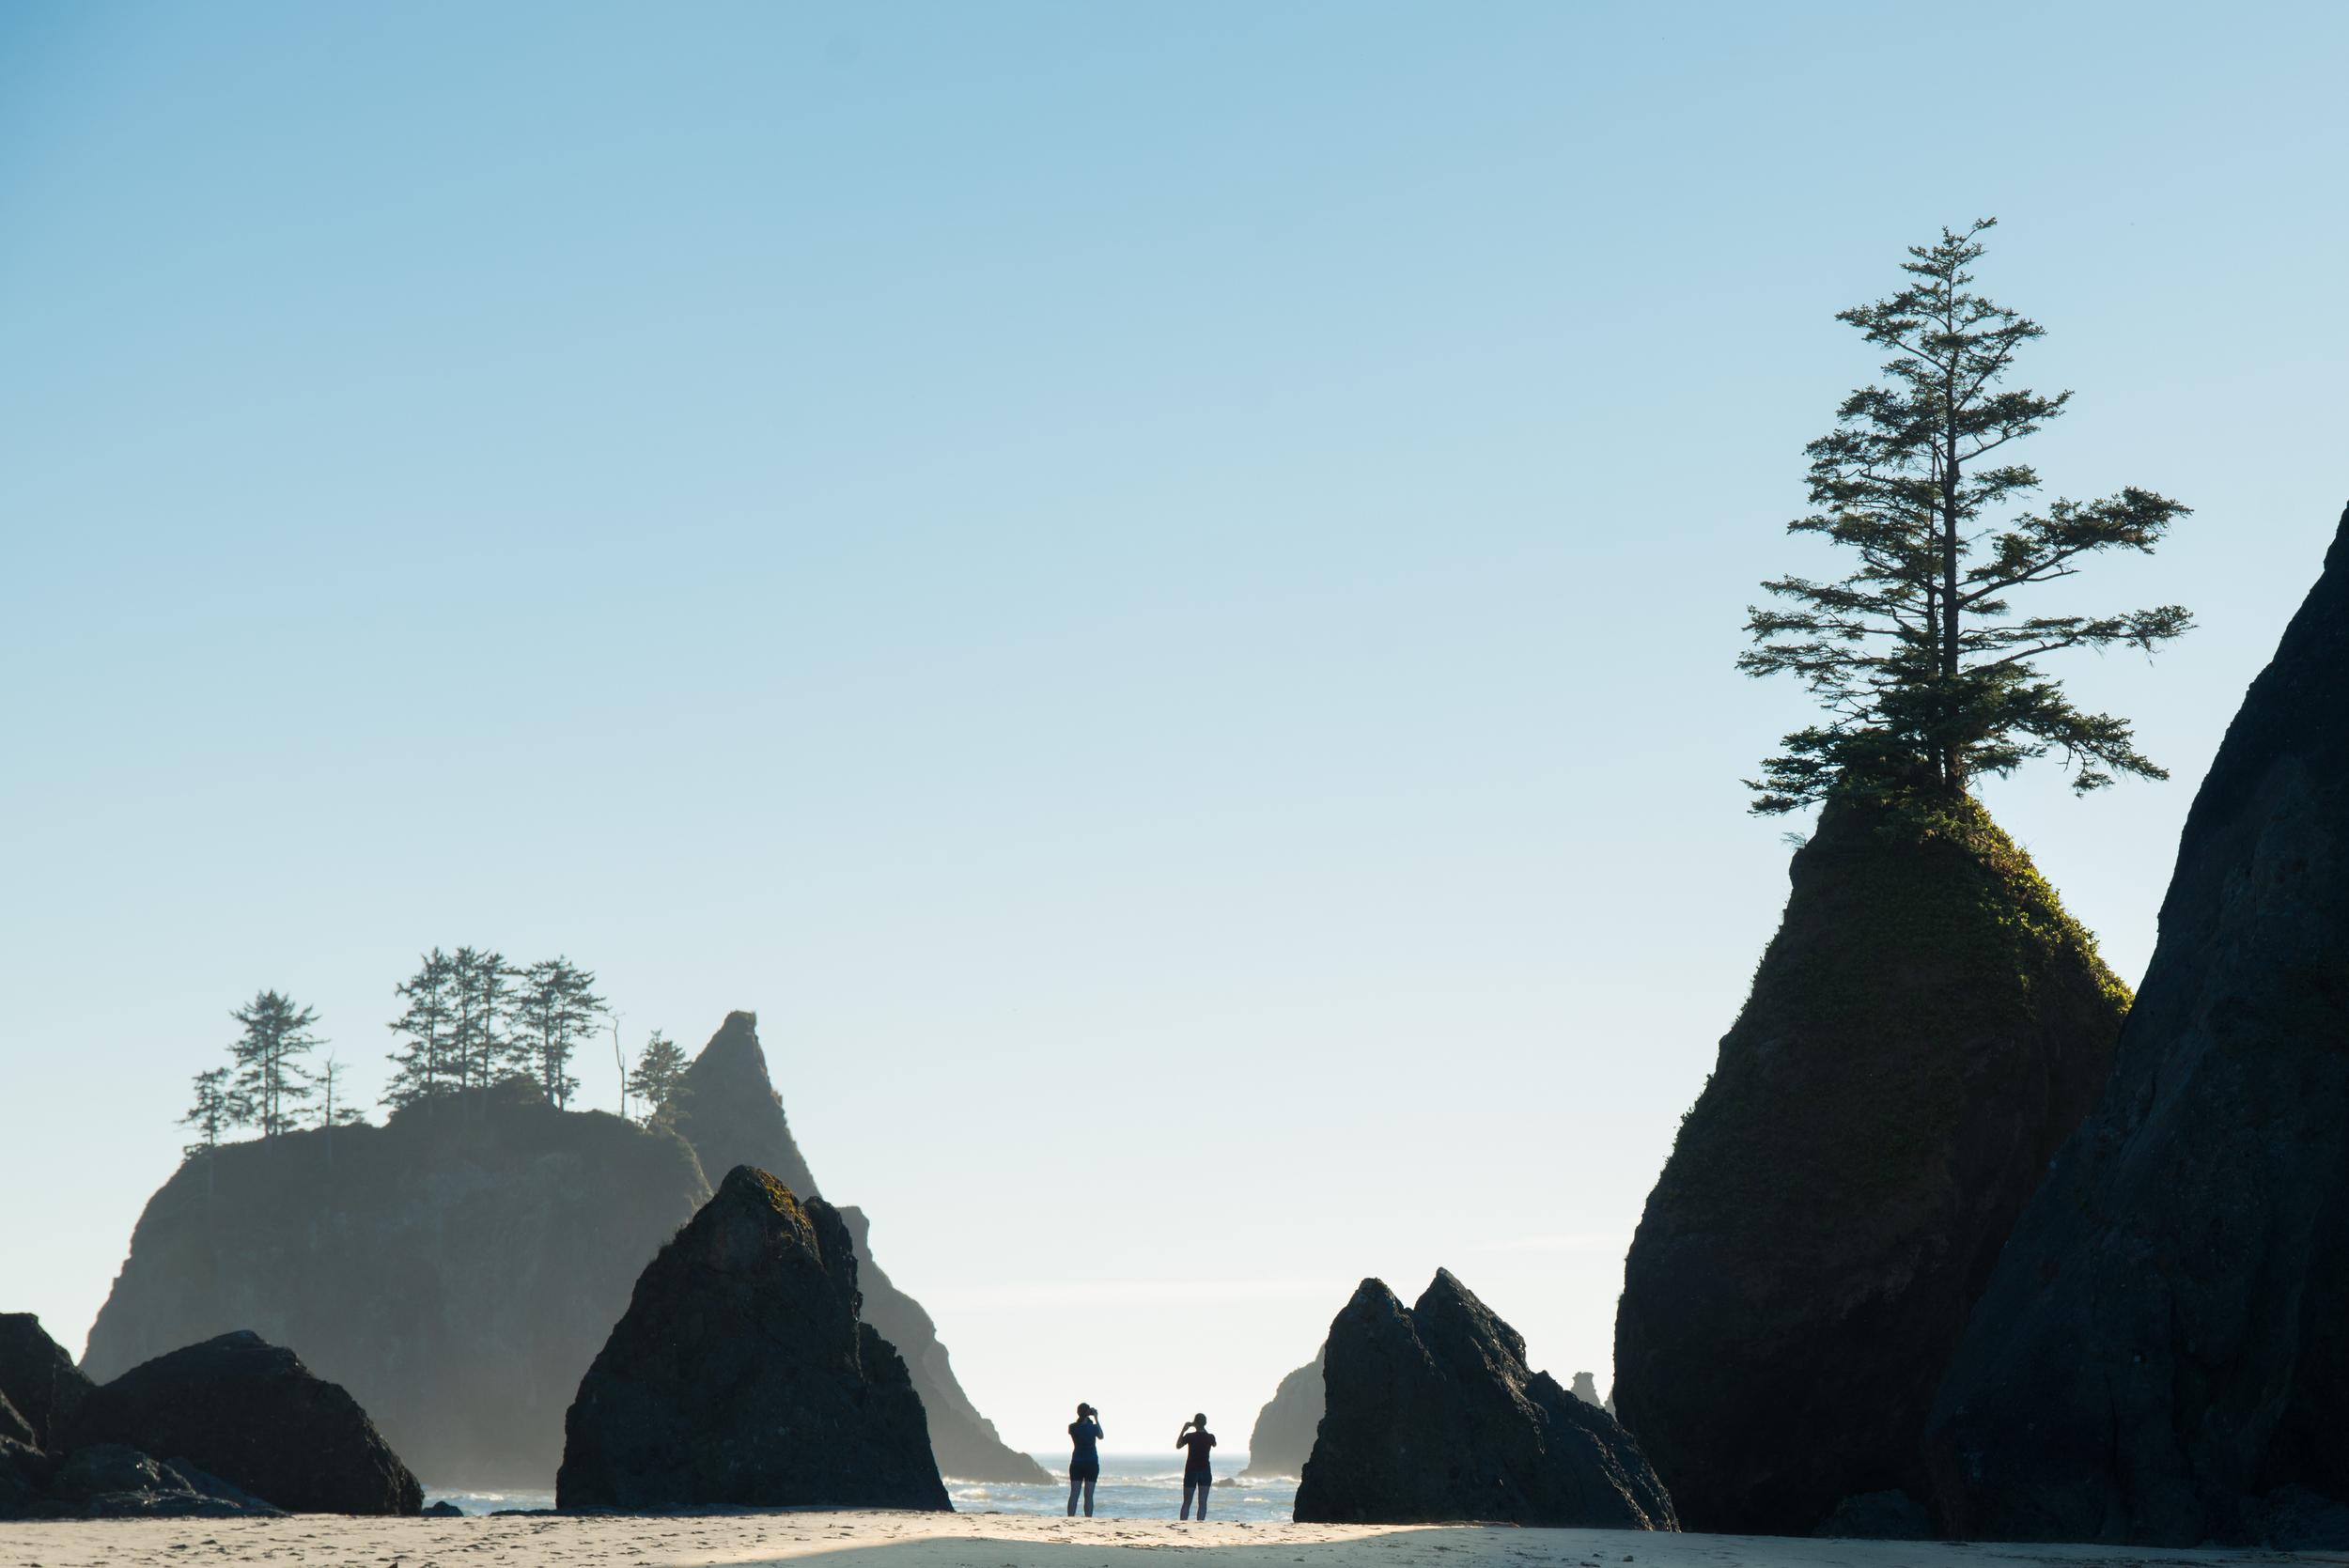 Point of Arches, Shi Shi Beach, WA